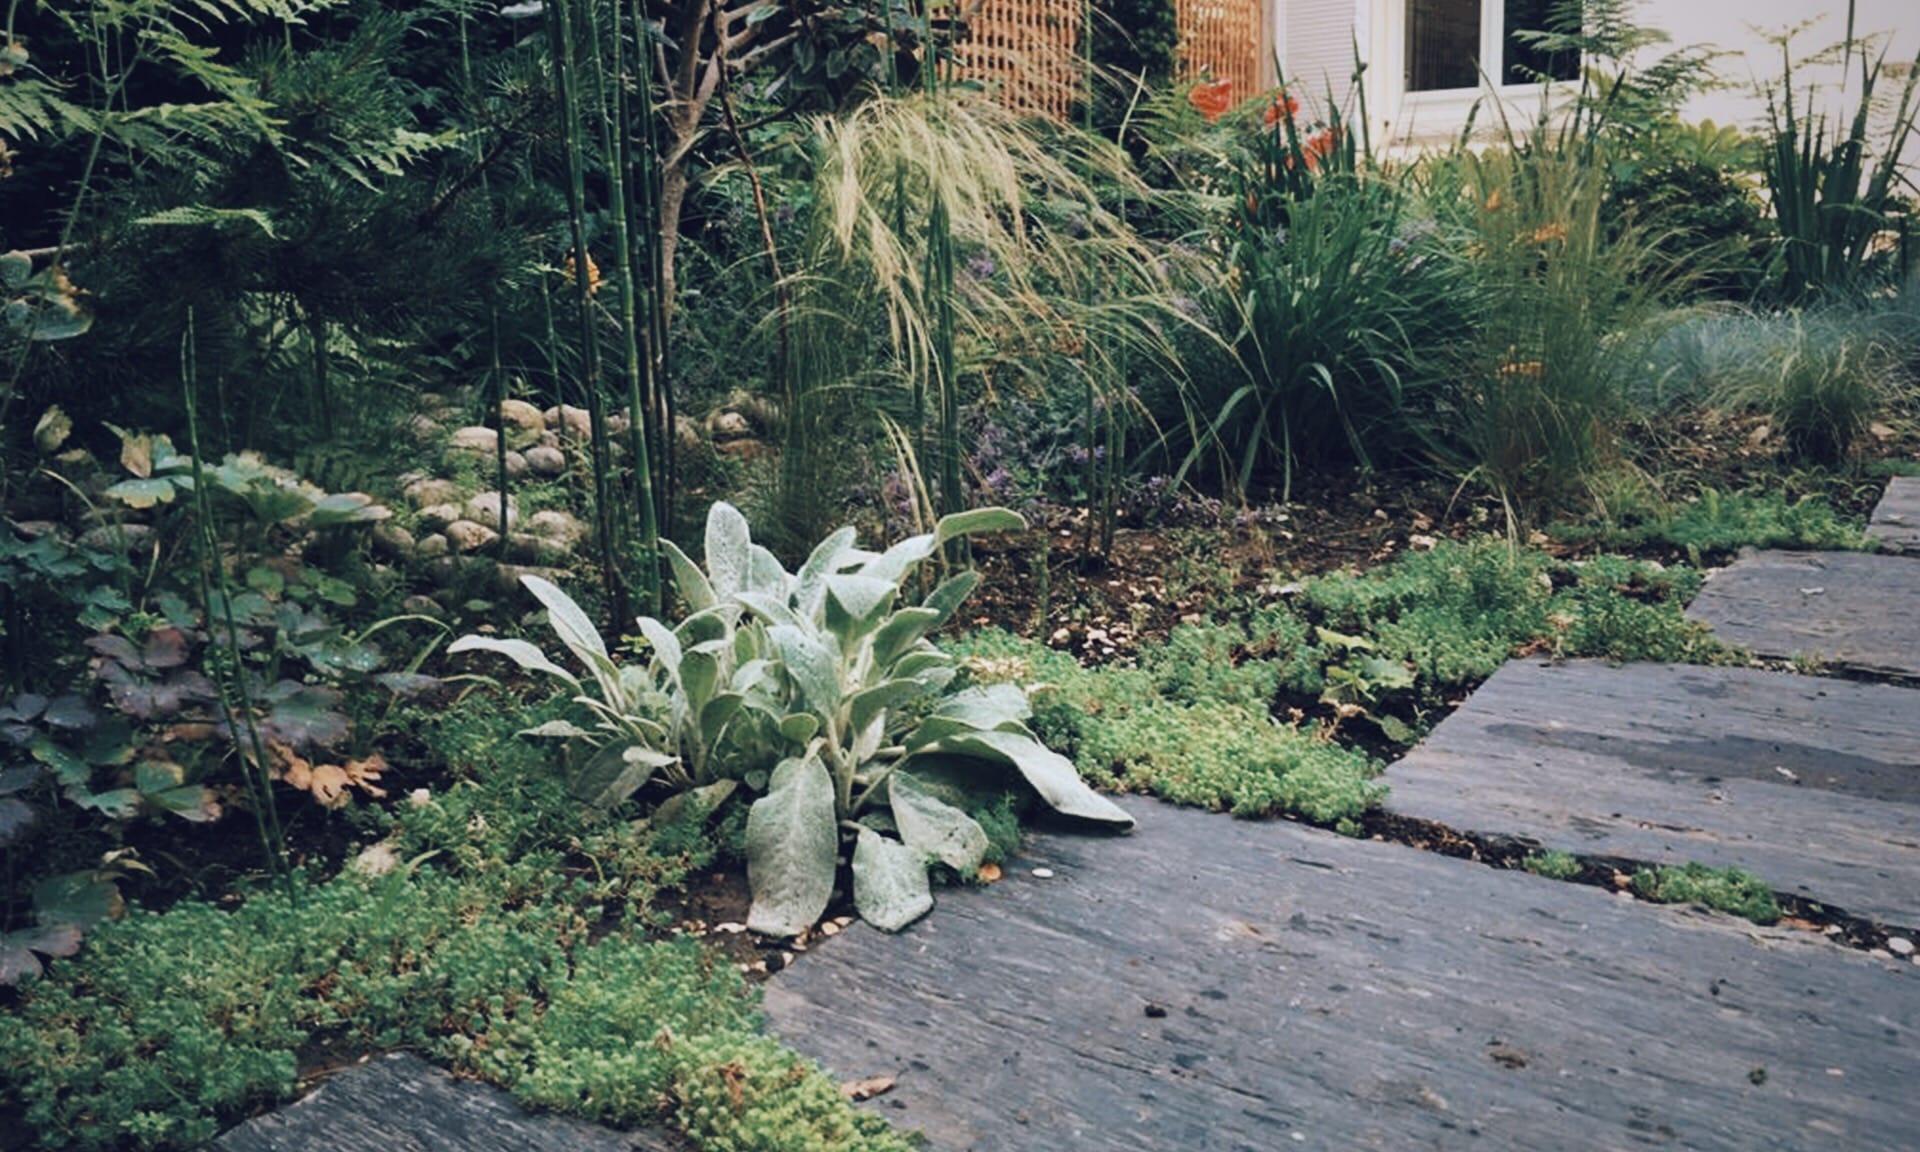 04_Nordscape_chemin-de-shiste-jardin-de-vivace